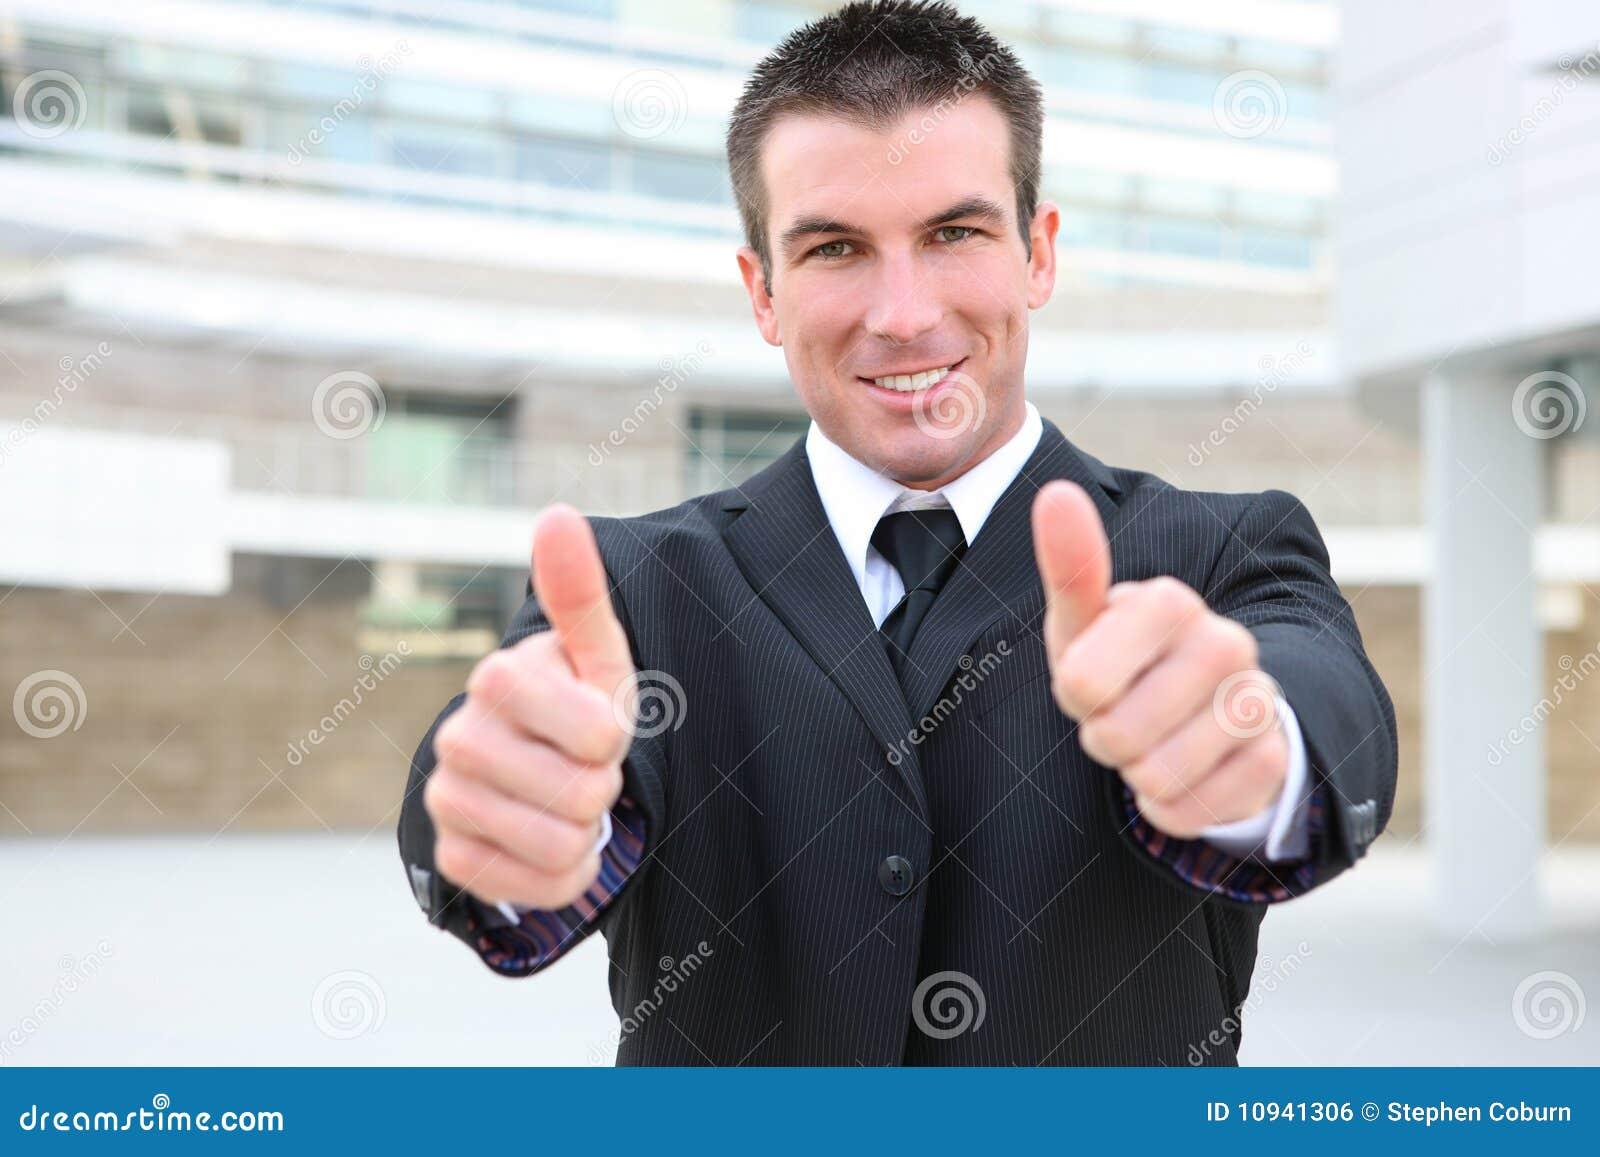 Business Man Signaling Success